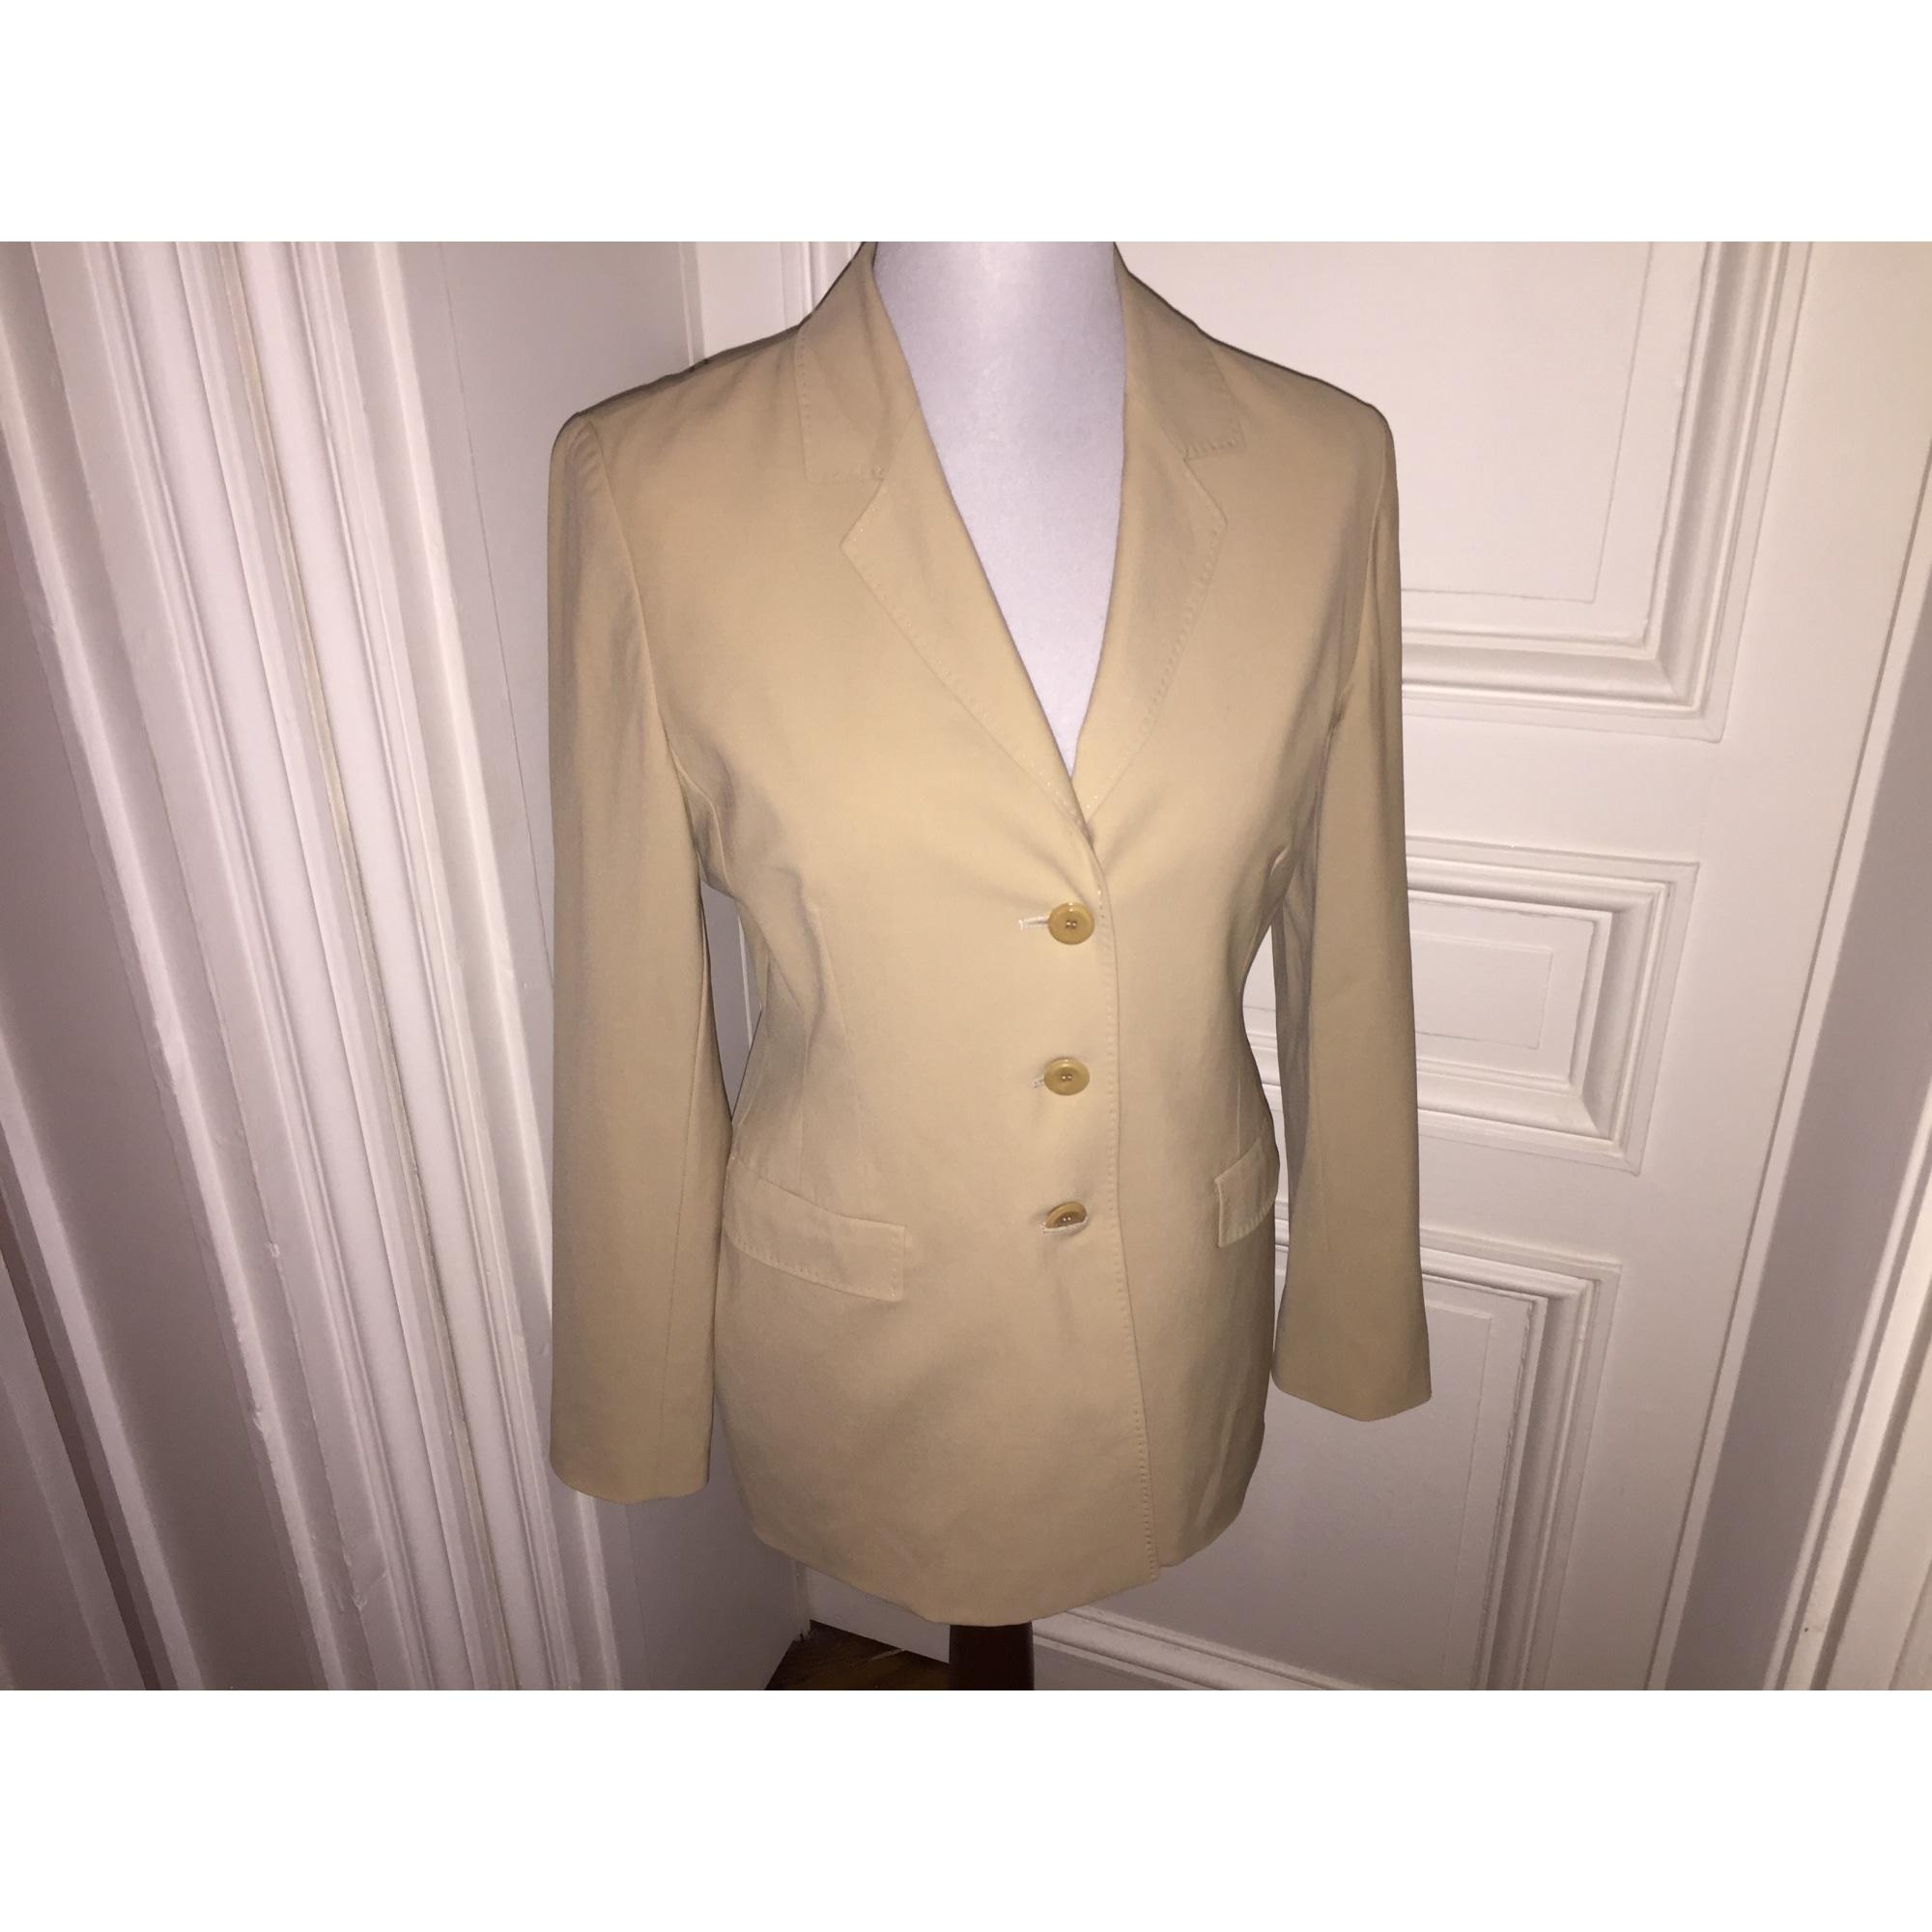 Blazer, veste tailleur SYNONYME DE GEORGE RECH 42 (LXL, T4